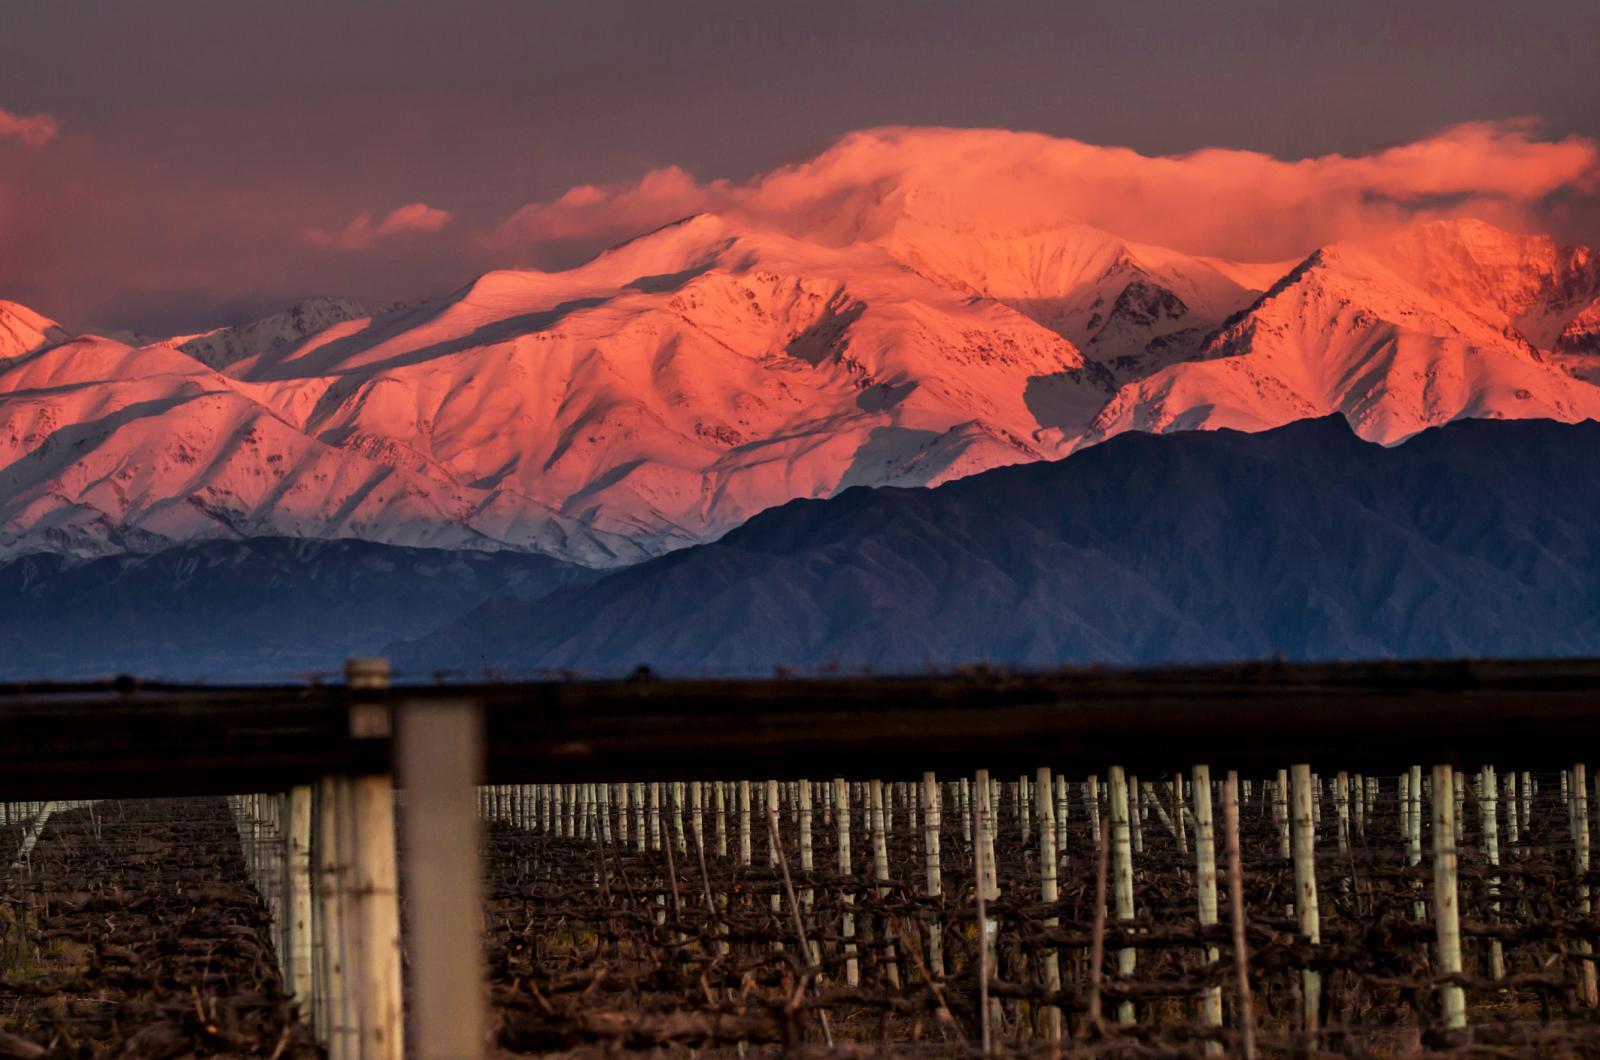 Montañas cubiertas de nieve contra el cielo durante la puesta de sol y viñedo